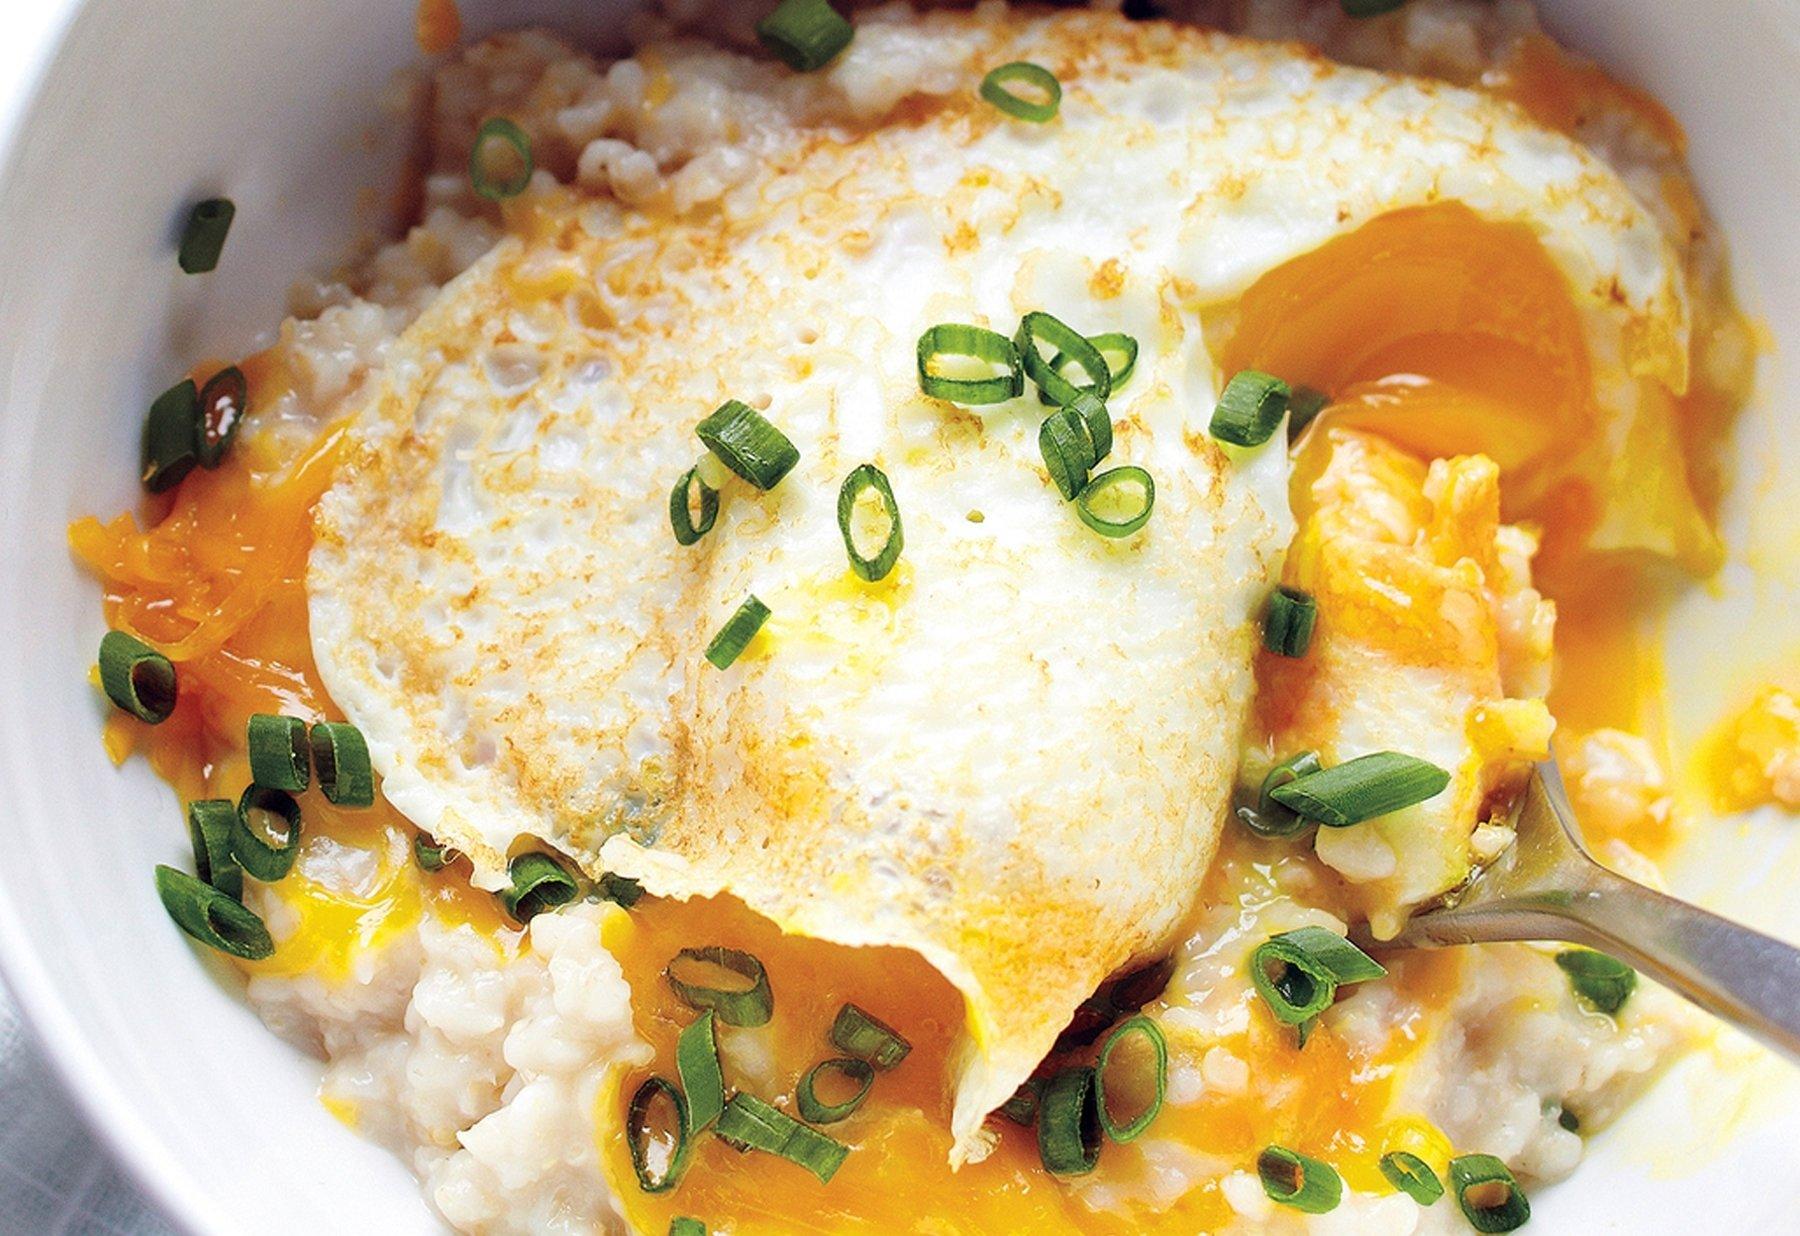 10 Elegant Healthy Breakfast Ideas With Eggs healthy breakfast ideas 34 simple meals for busy mornings greatist